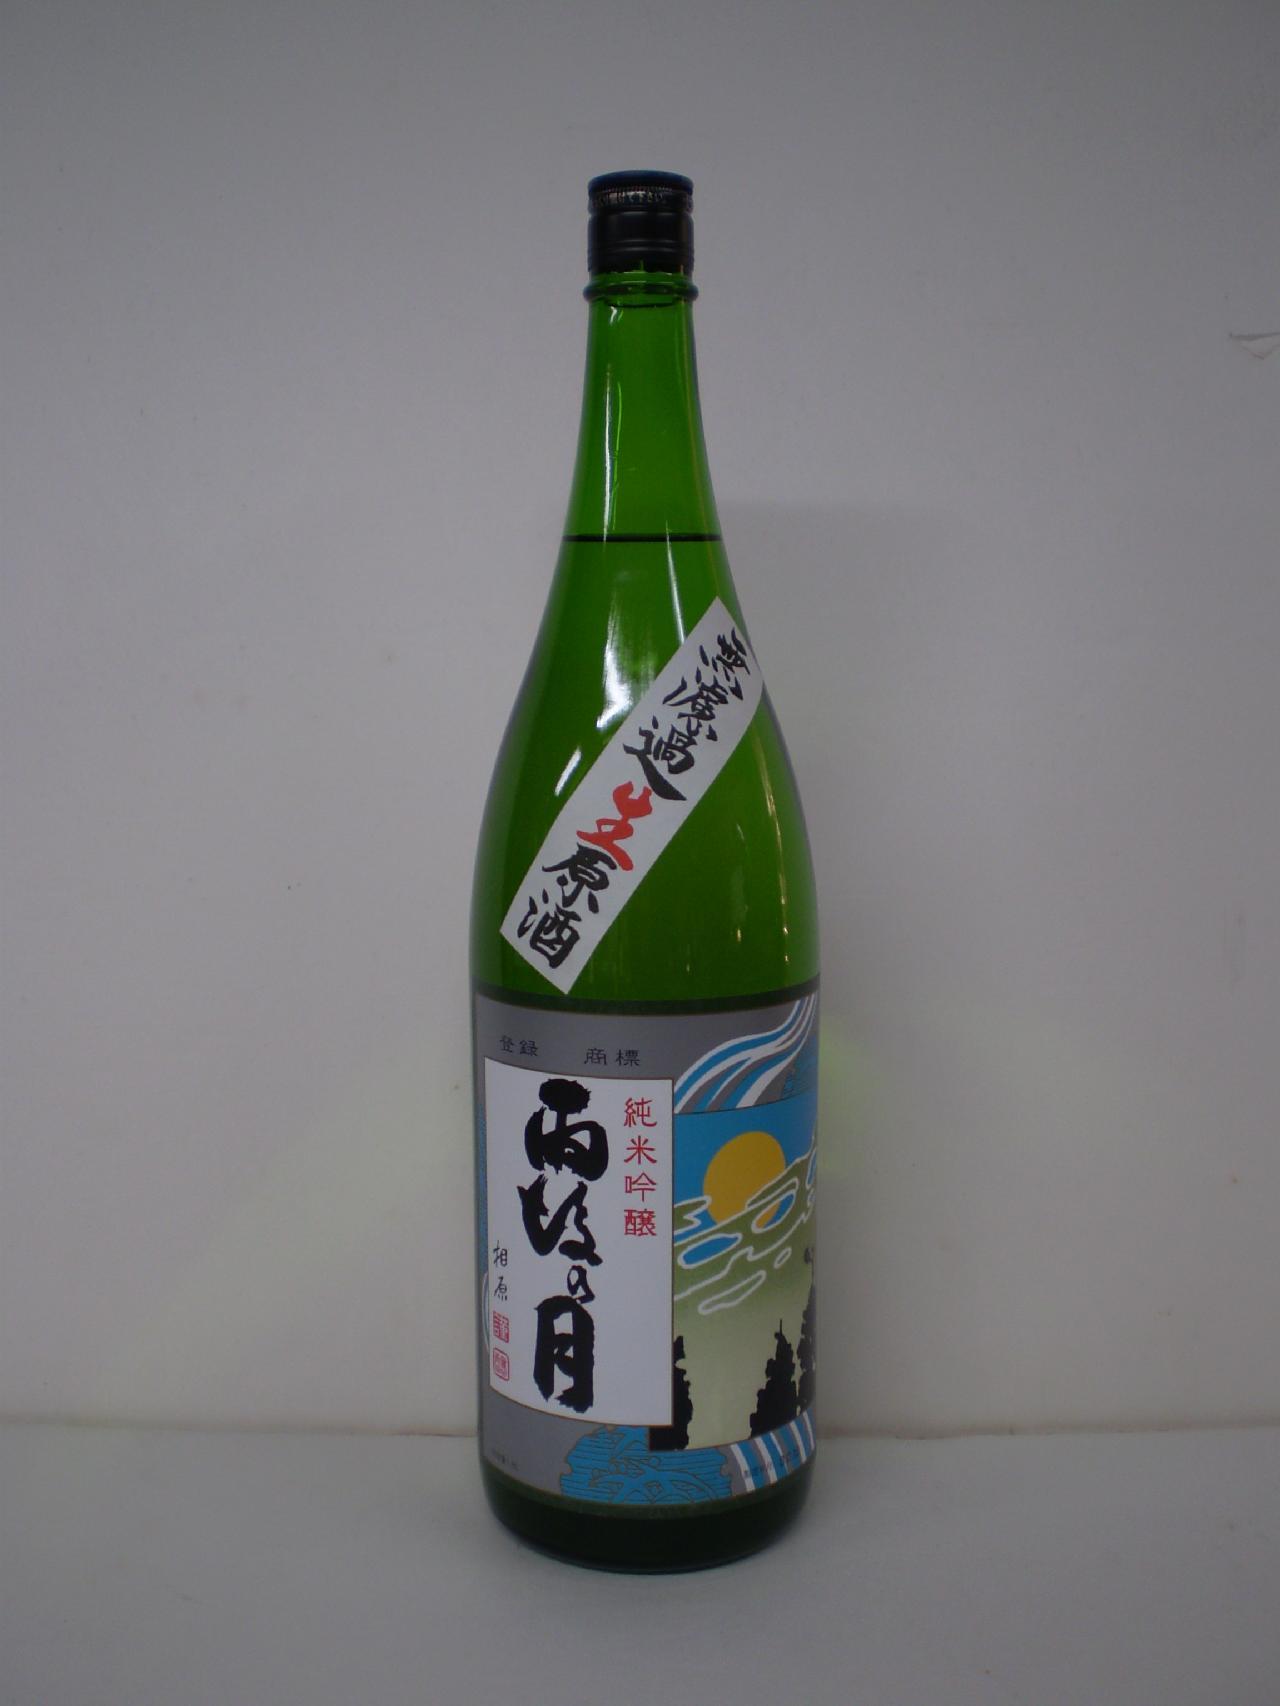 雨後の月 純米吟醸生原酒 1800ml